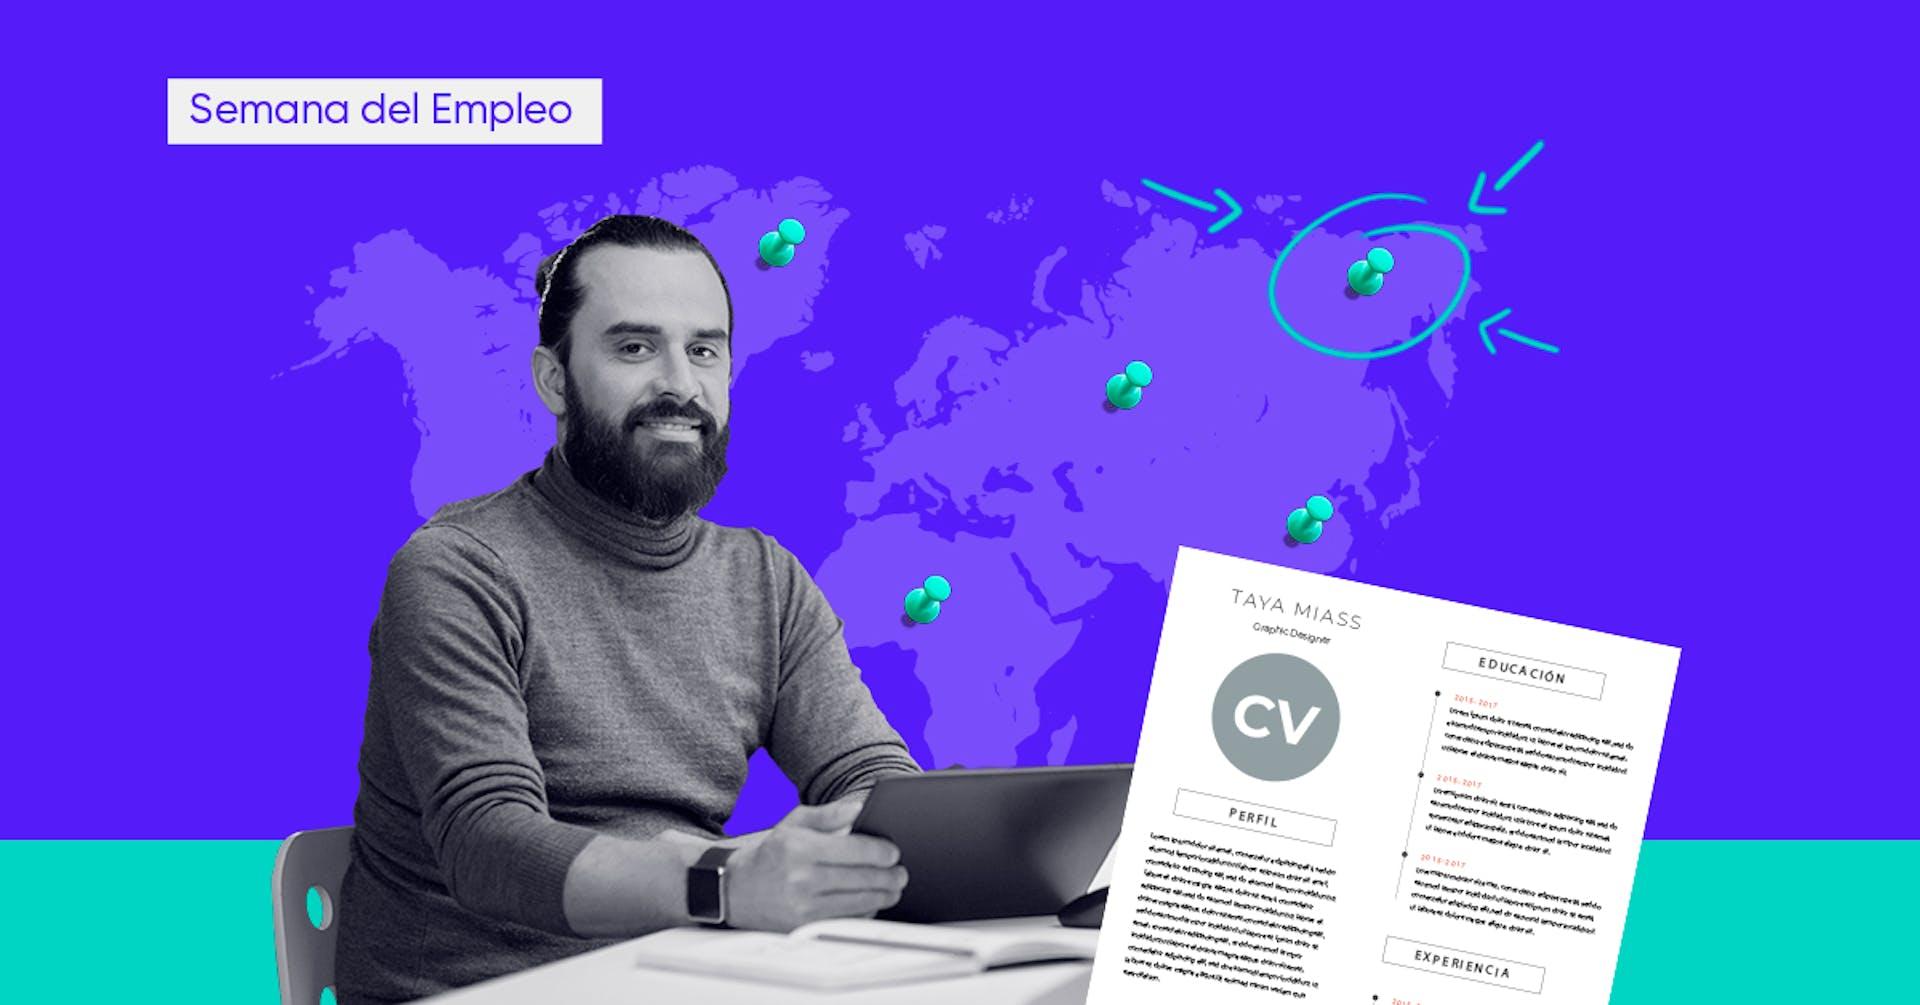 ¿Quieres trabajar en Silicon Valley? Las mejores webs para buscar trabajo en el extranjero